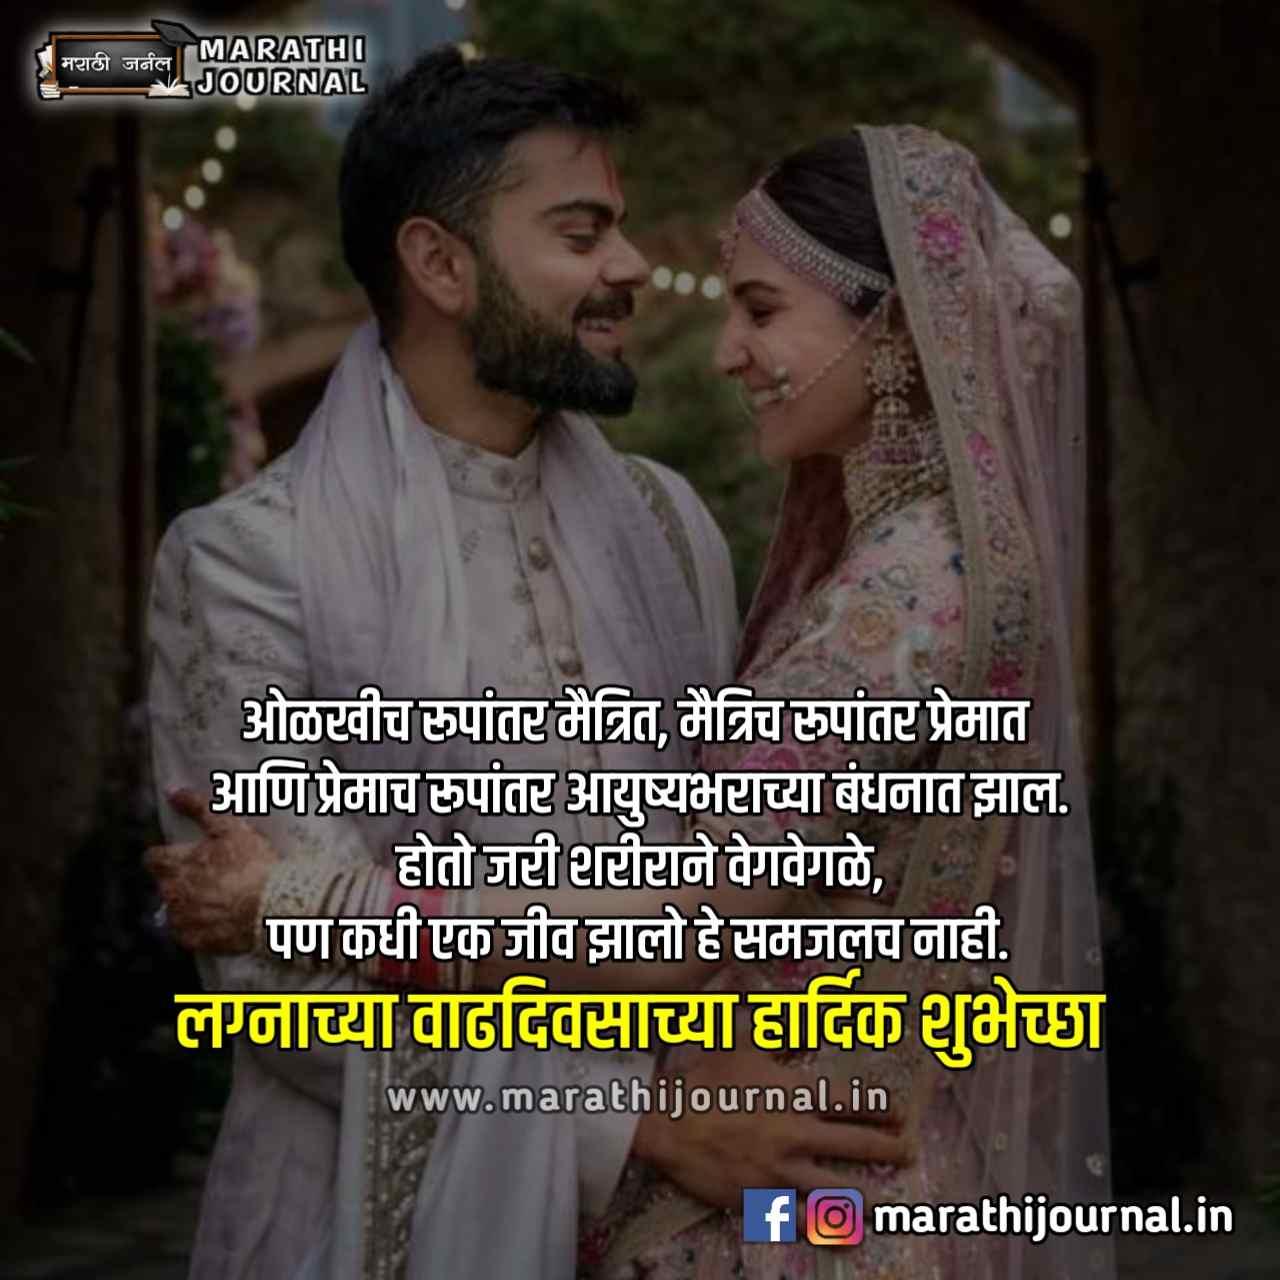 लग्नाच्या वाढदिवसाच्या हार्दिक शुभेच्छा | Happy Marriage Anniversary Wishes in Marathi